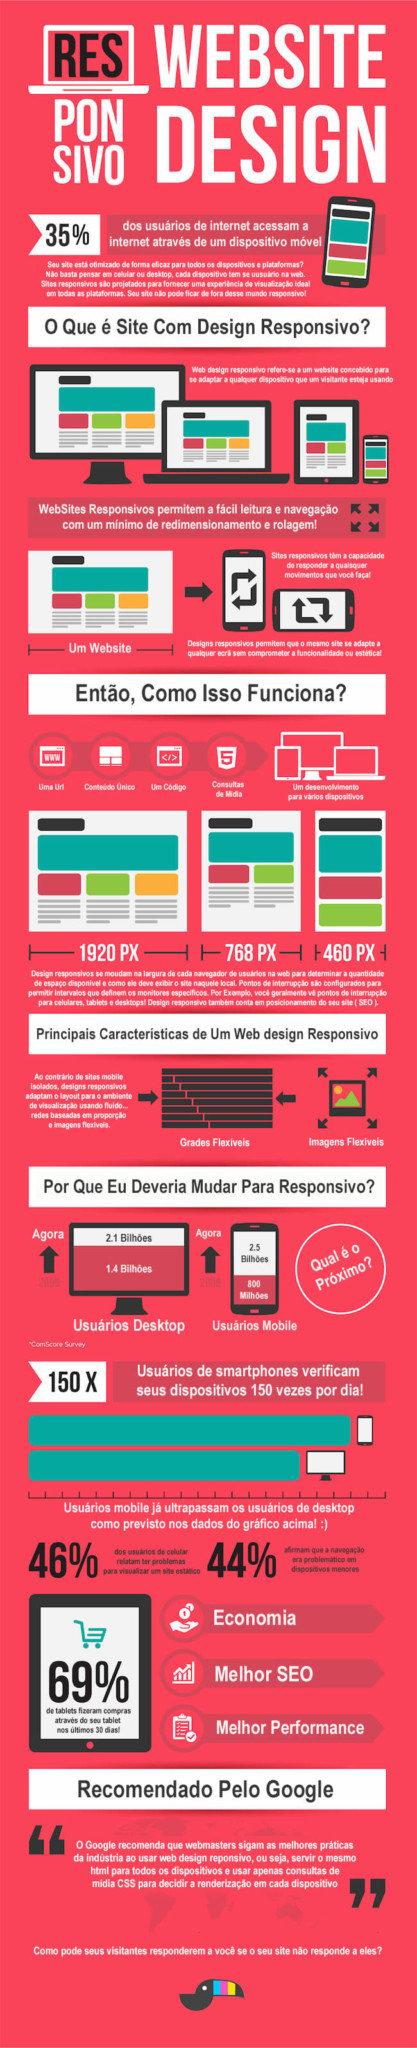 web design responsivo - site responsivo - design responsivo